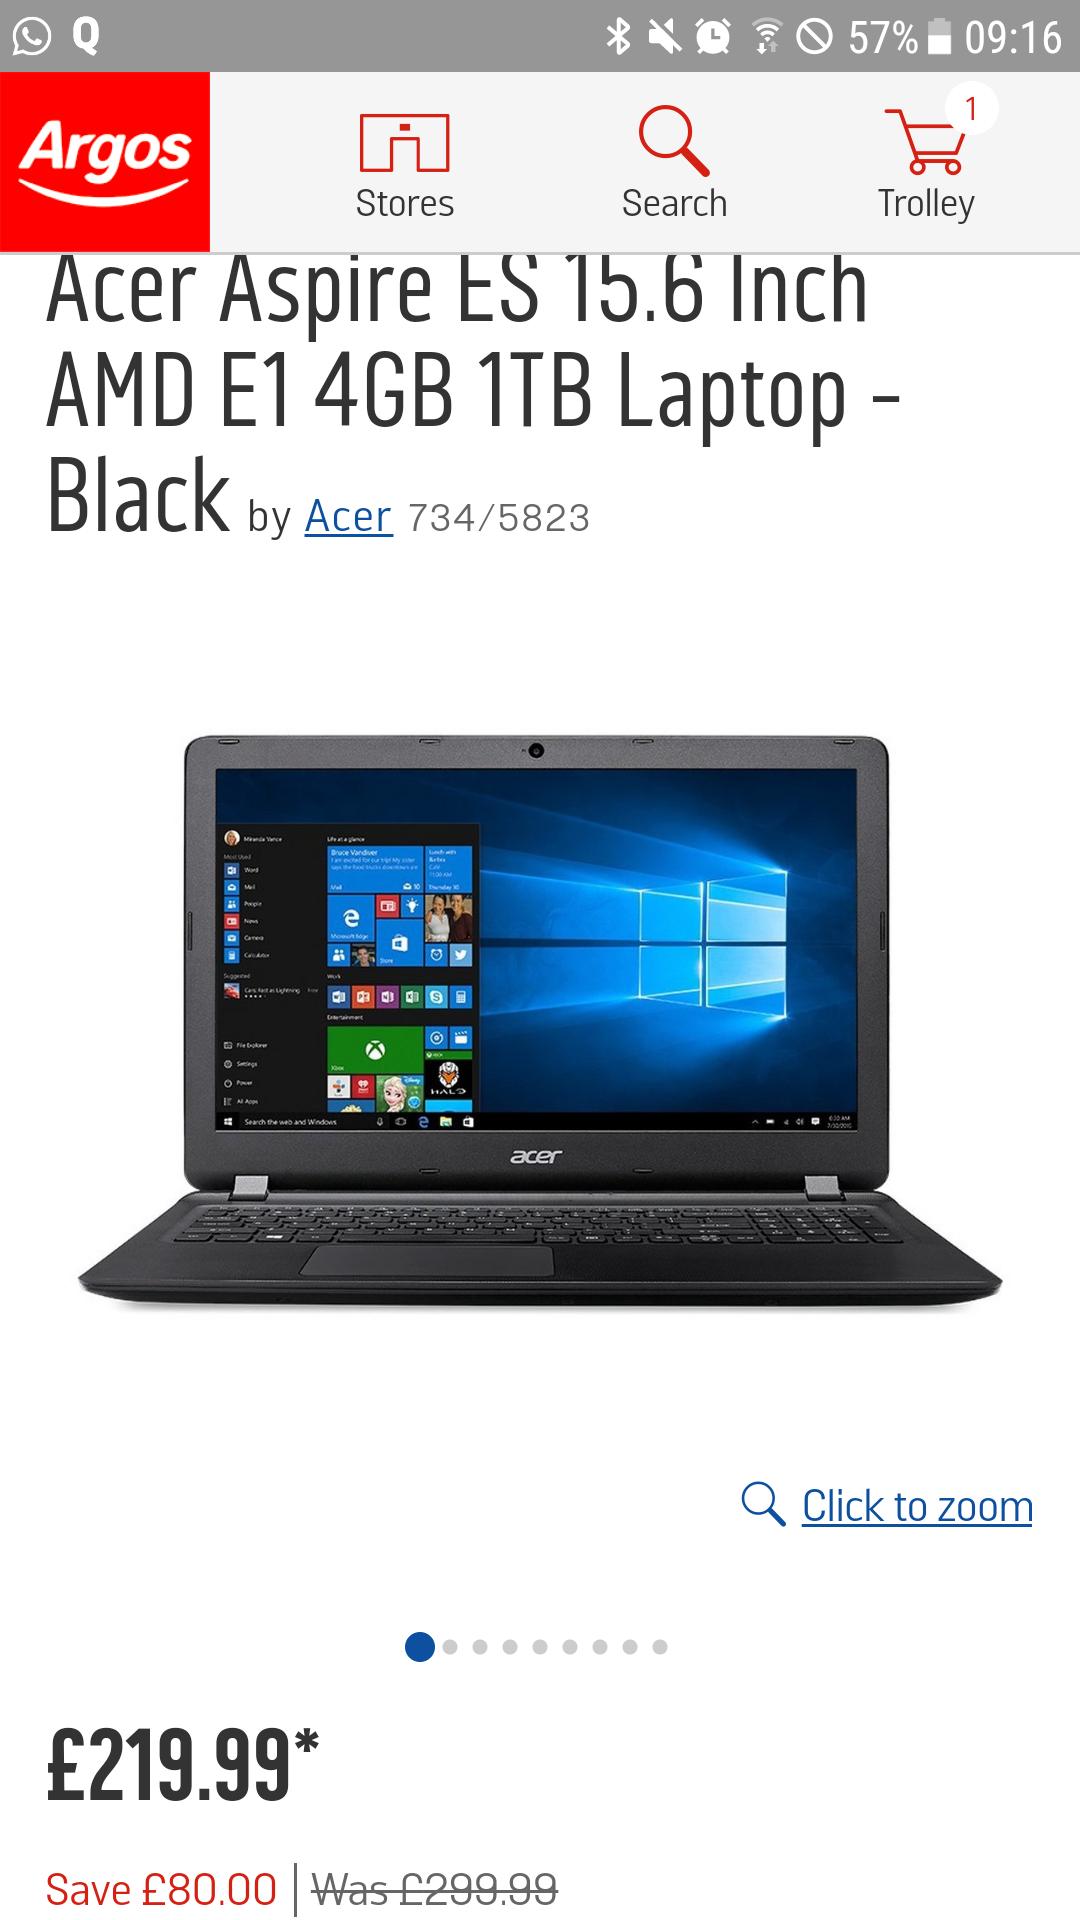 Acer Aspire ES 15.6inch AMD E1 4GB 1TB £219.99 Argos